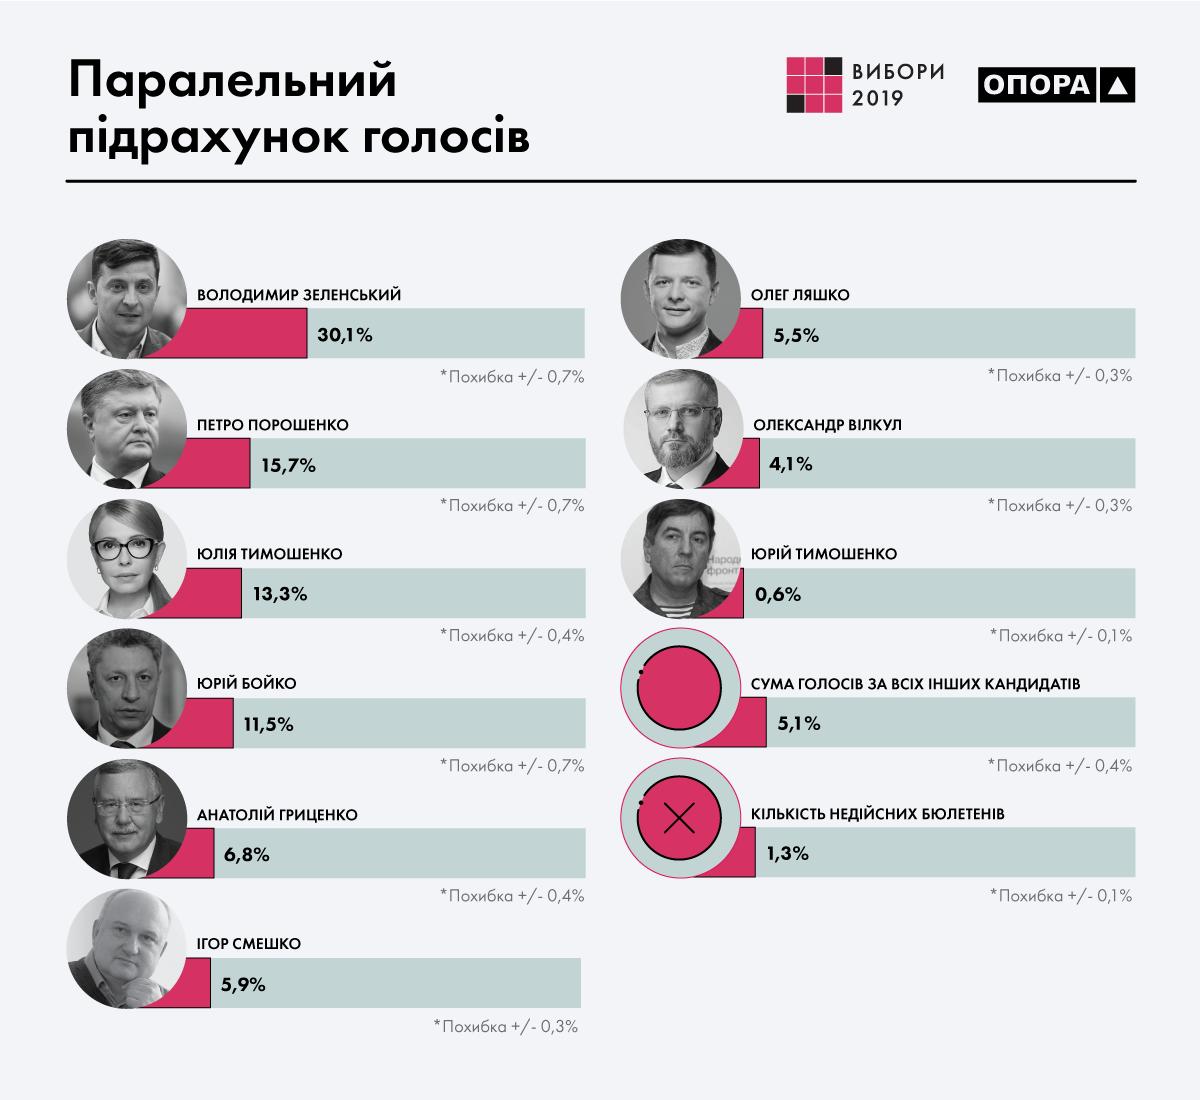 22 апреля 2019 — Результаты выборов президента Украины 2019: Зеленский набирает рекордное количество голосов